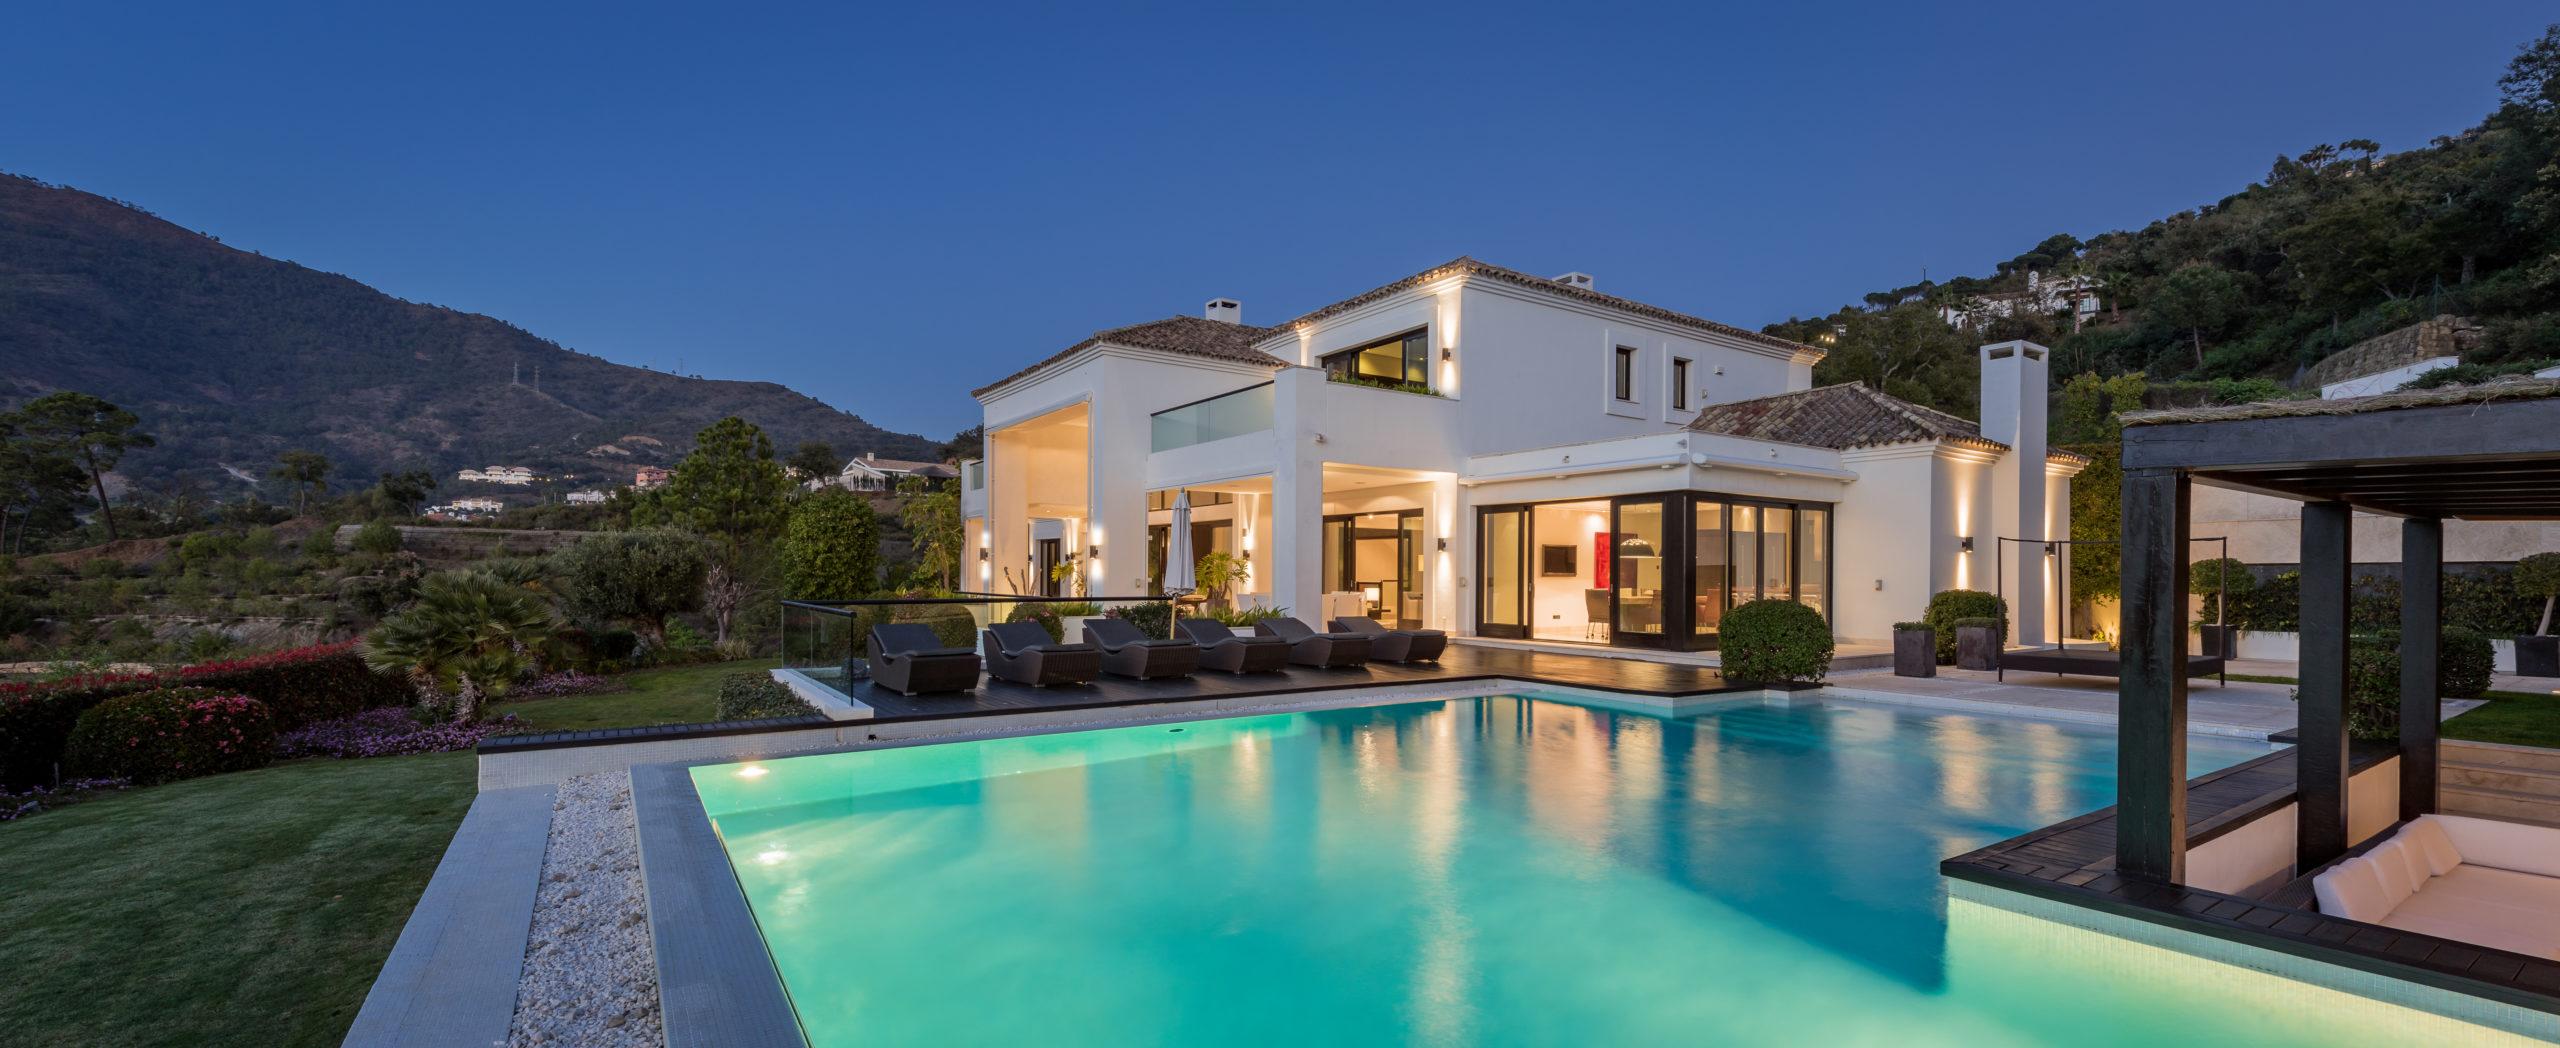 La Zagaleta Properties